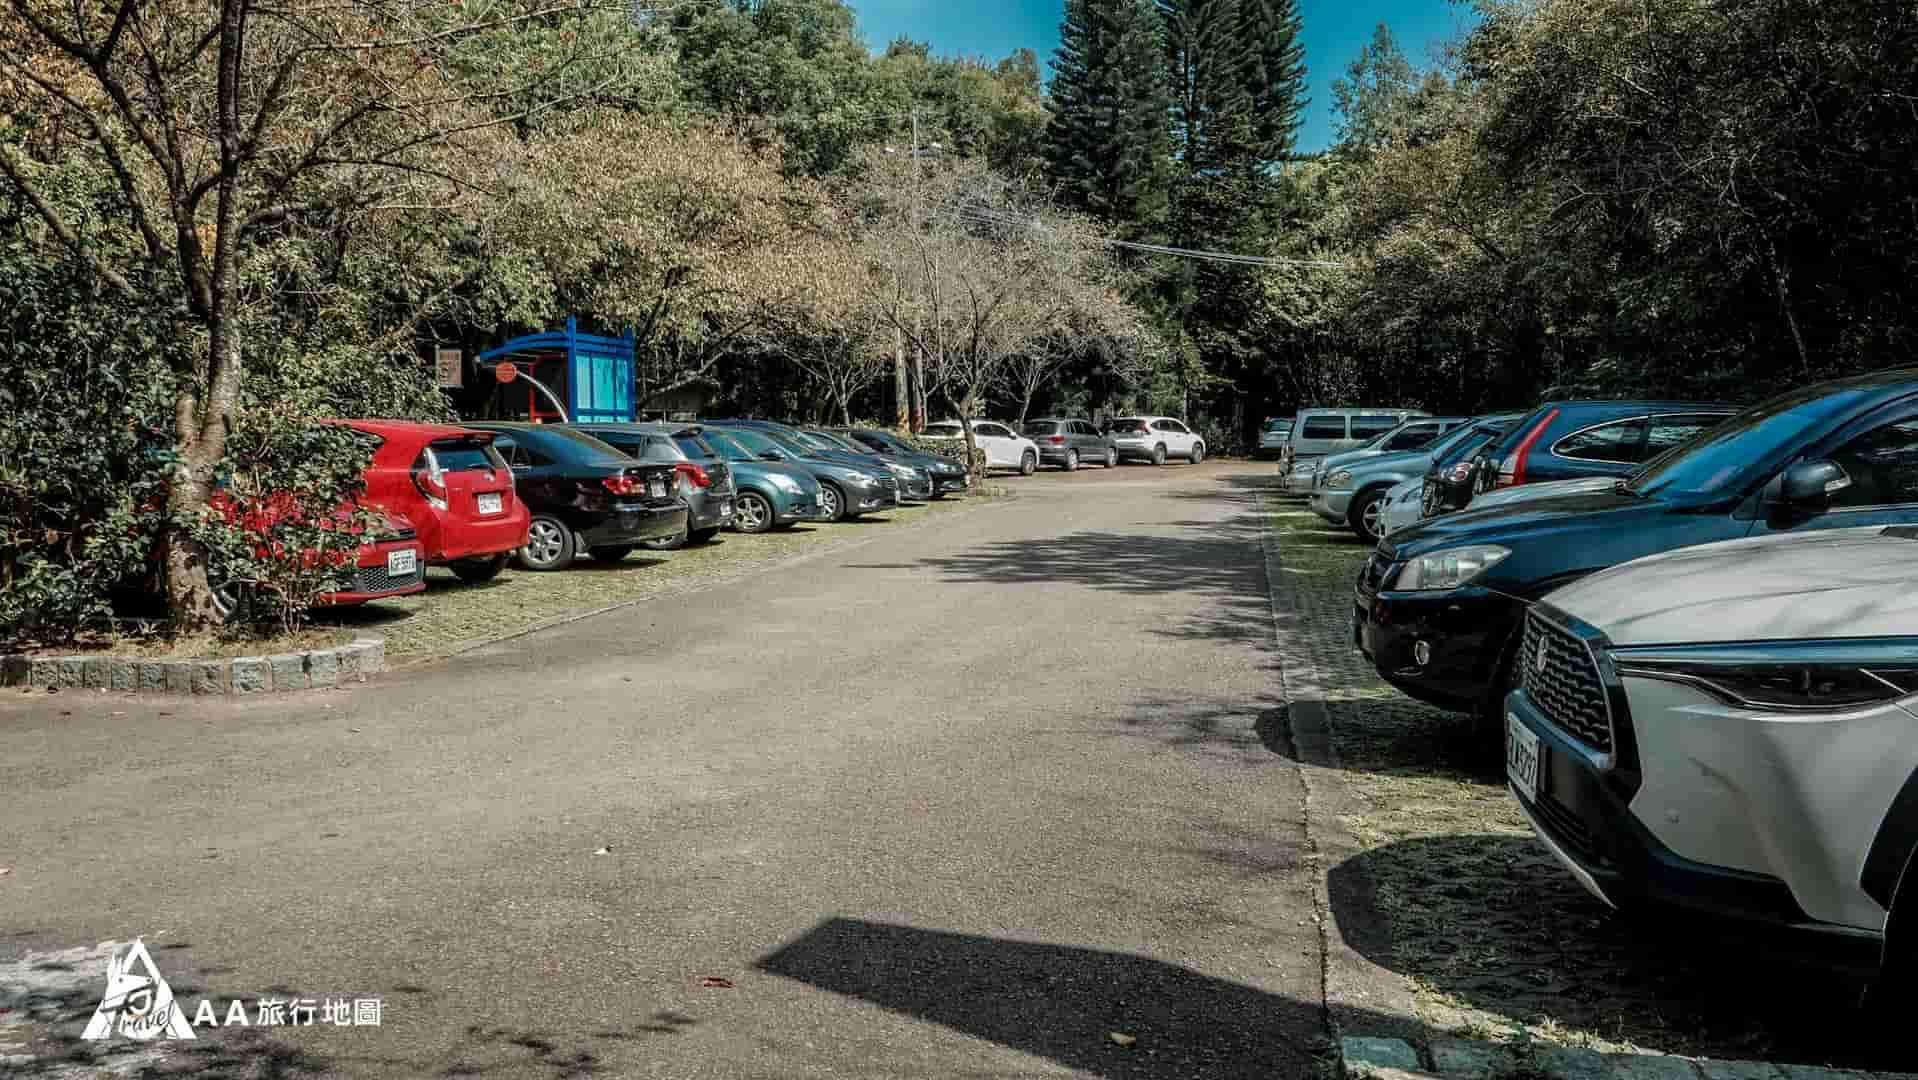 大山北月 門口的停車場都可以停車,假日要早點來不然爬山的人很多會停這邊